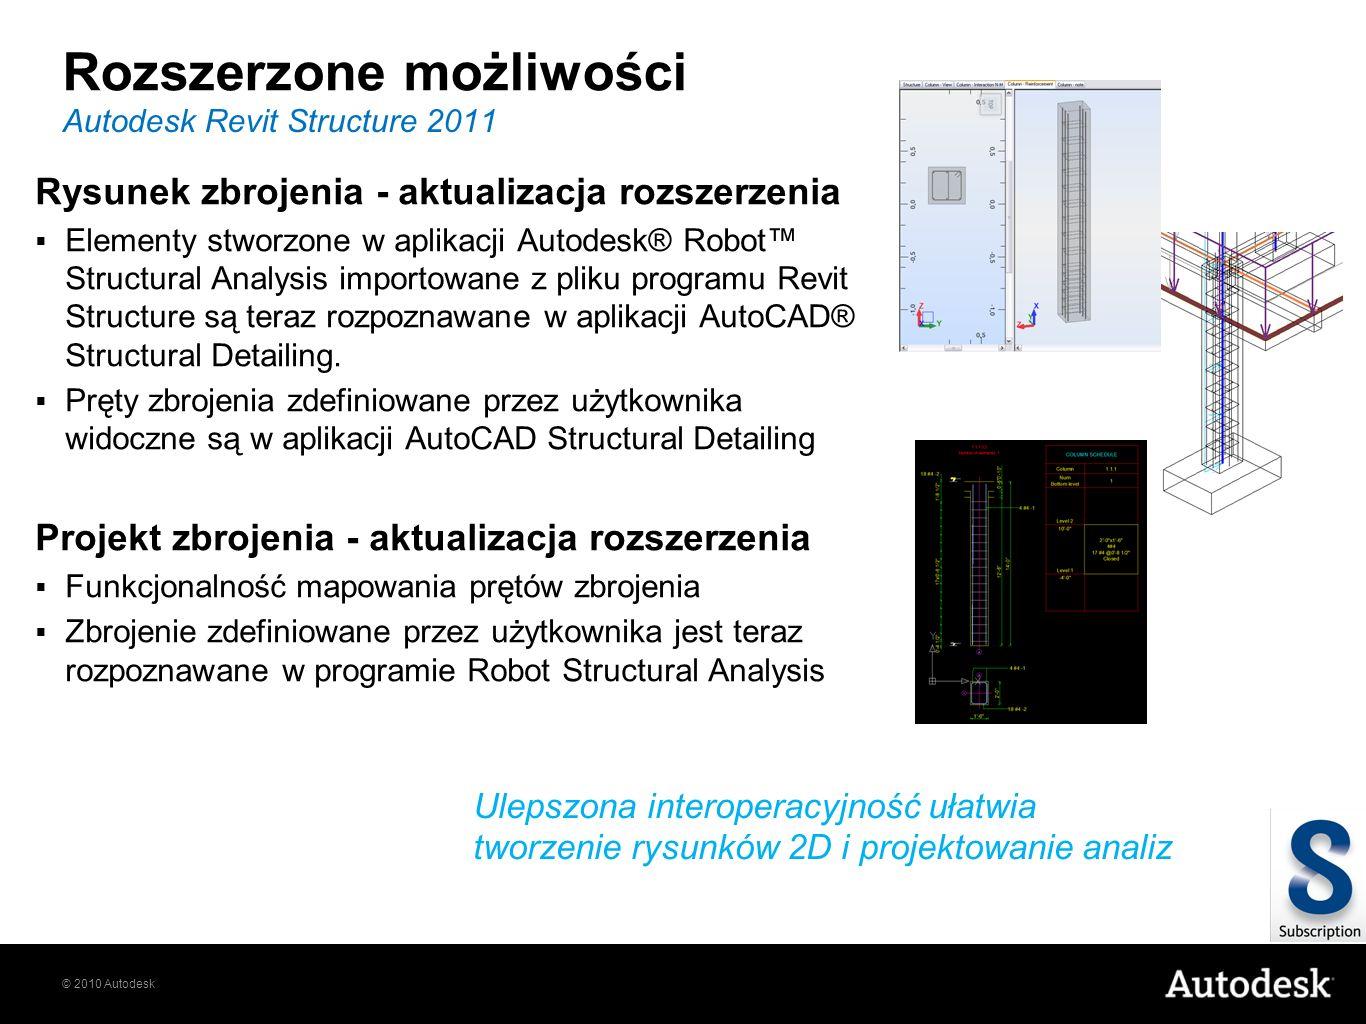 © 2010 Autodesk Rozszerzone możliwości Rysunek zbrojenia - aktualizacja rozszerzenia Elementy stworzone w aplikacji Autodesk® Robot Structural Analysi